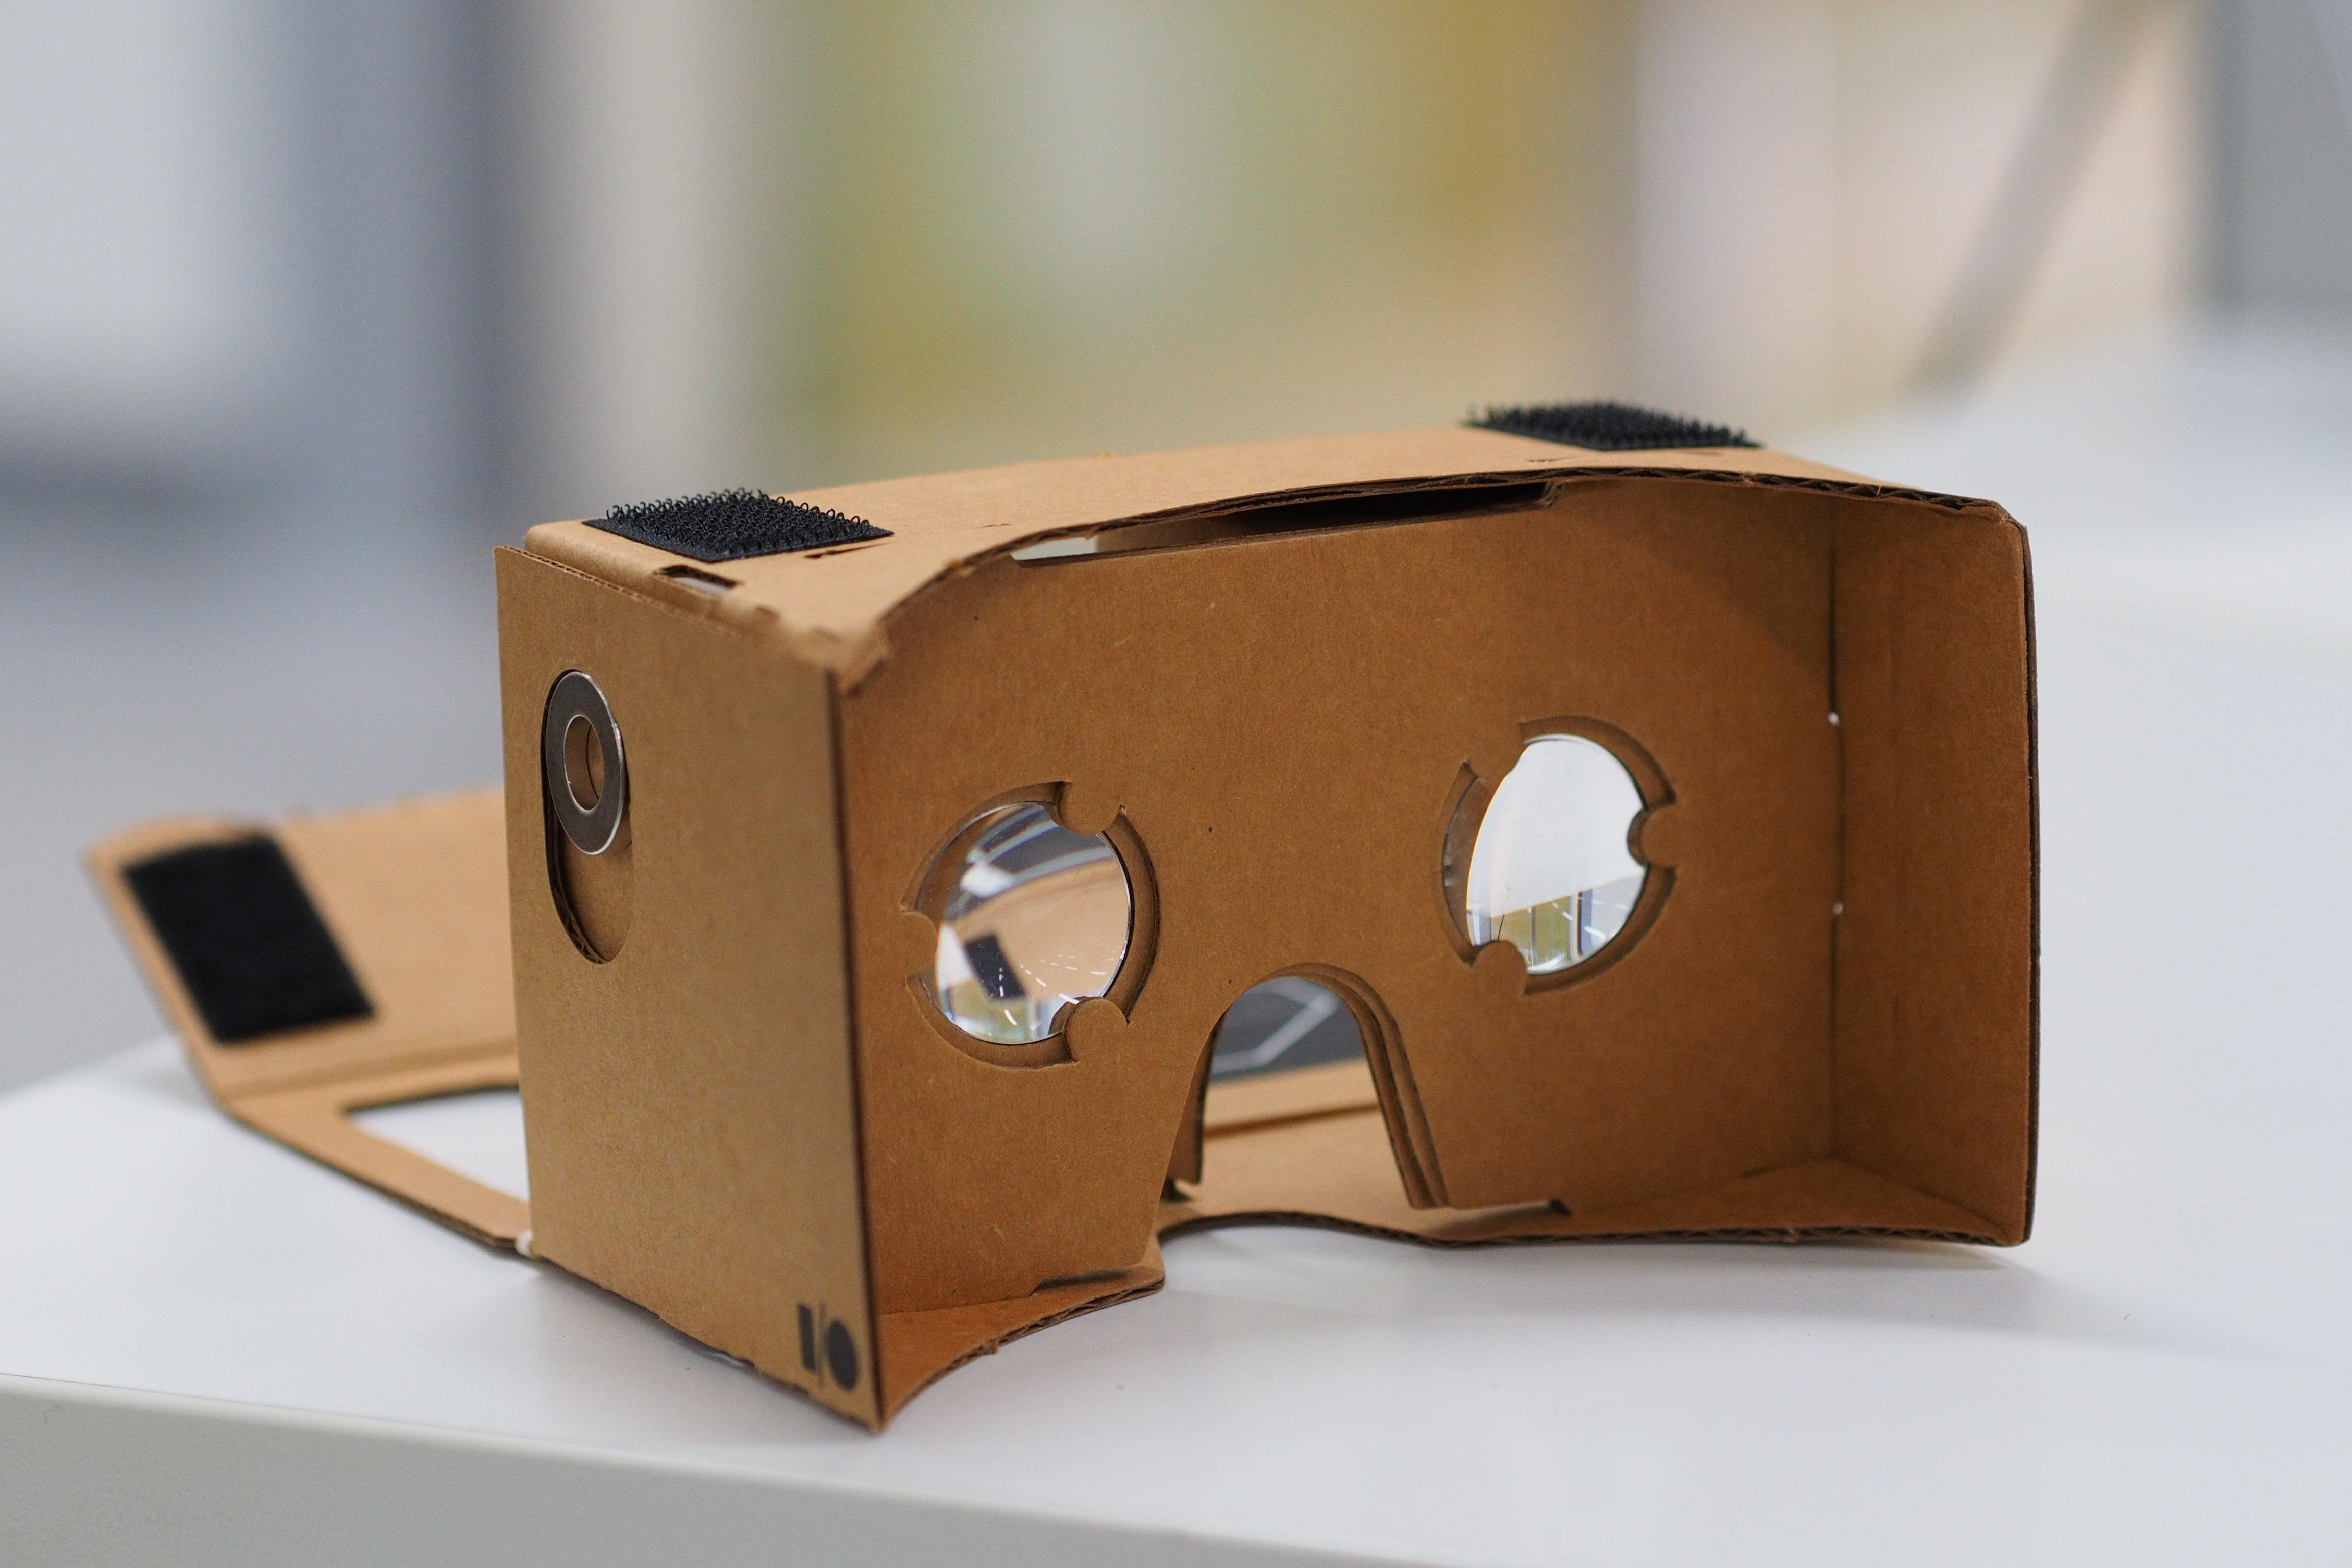 Wydawca Just Cause 3 jest tak pewny jakości gry, że wysłał nam Google Cardboard, byśmy obejrzeli ją w 360 stopniach